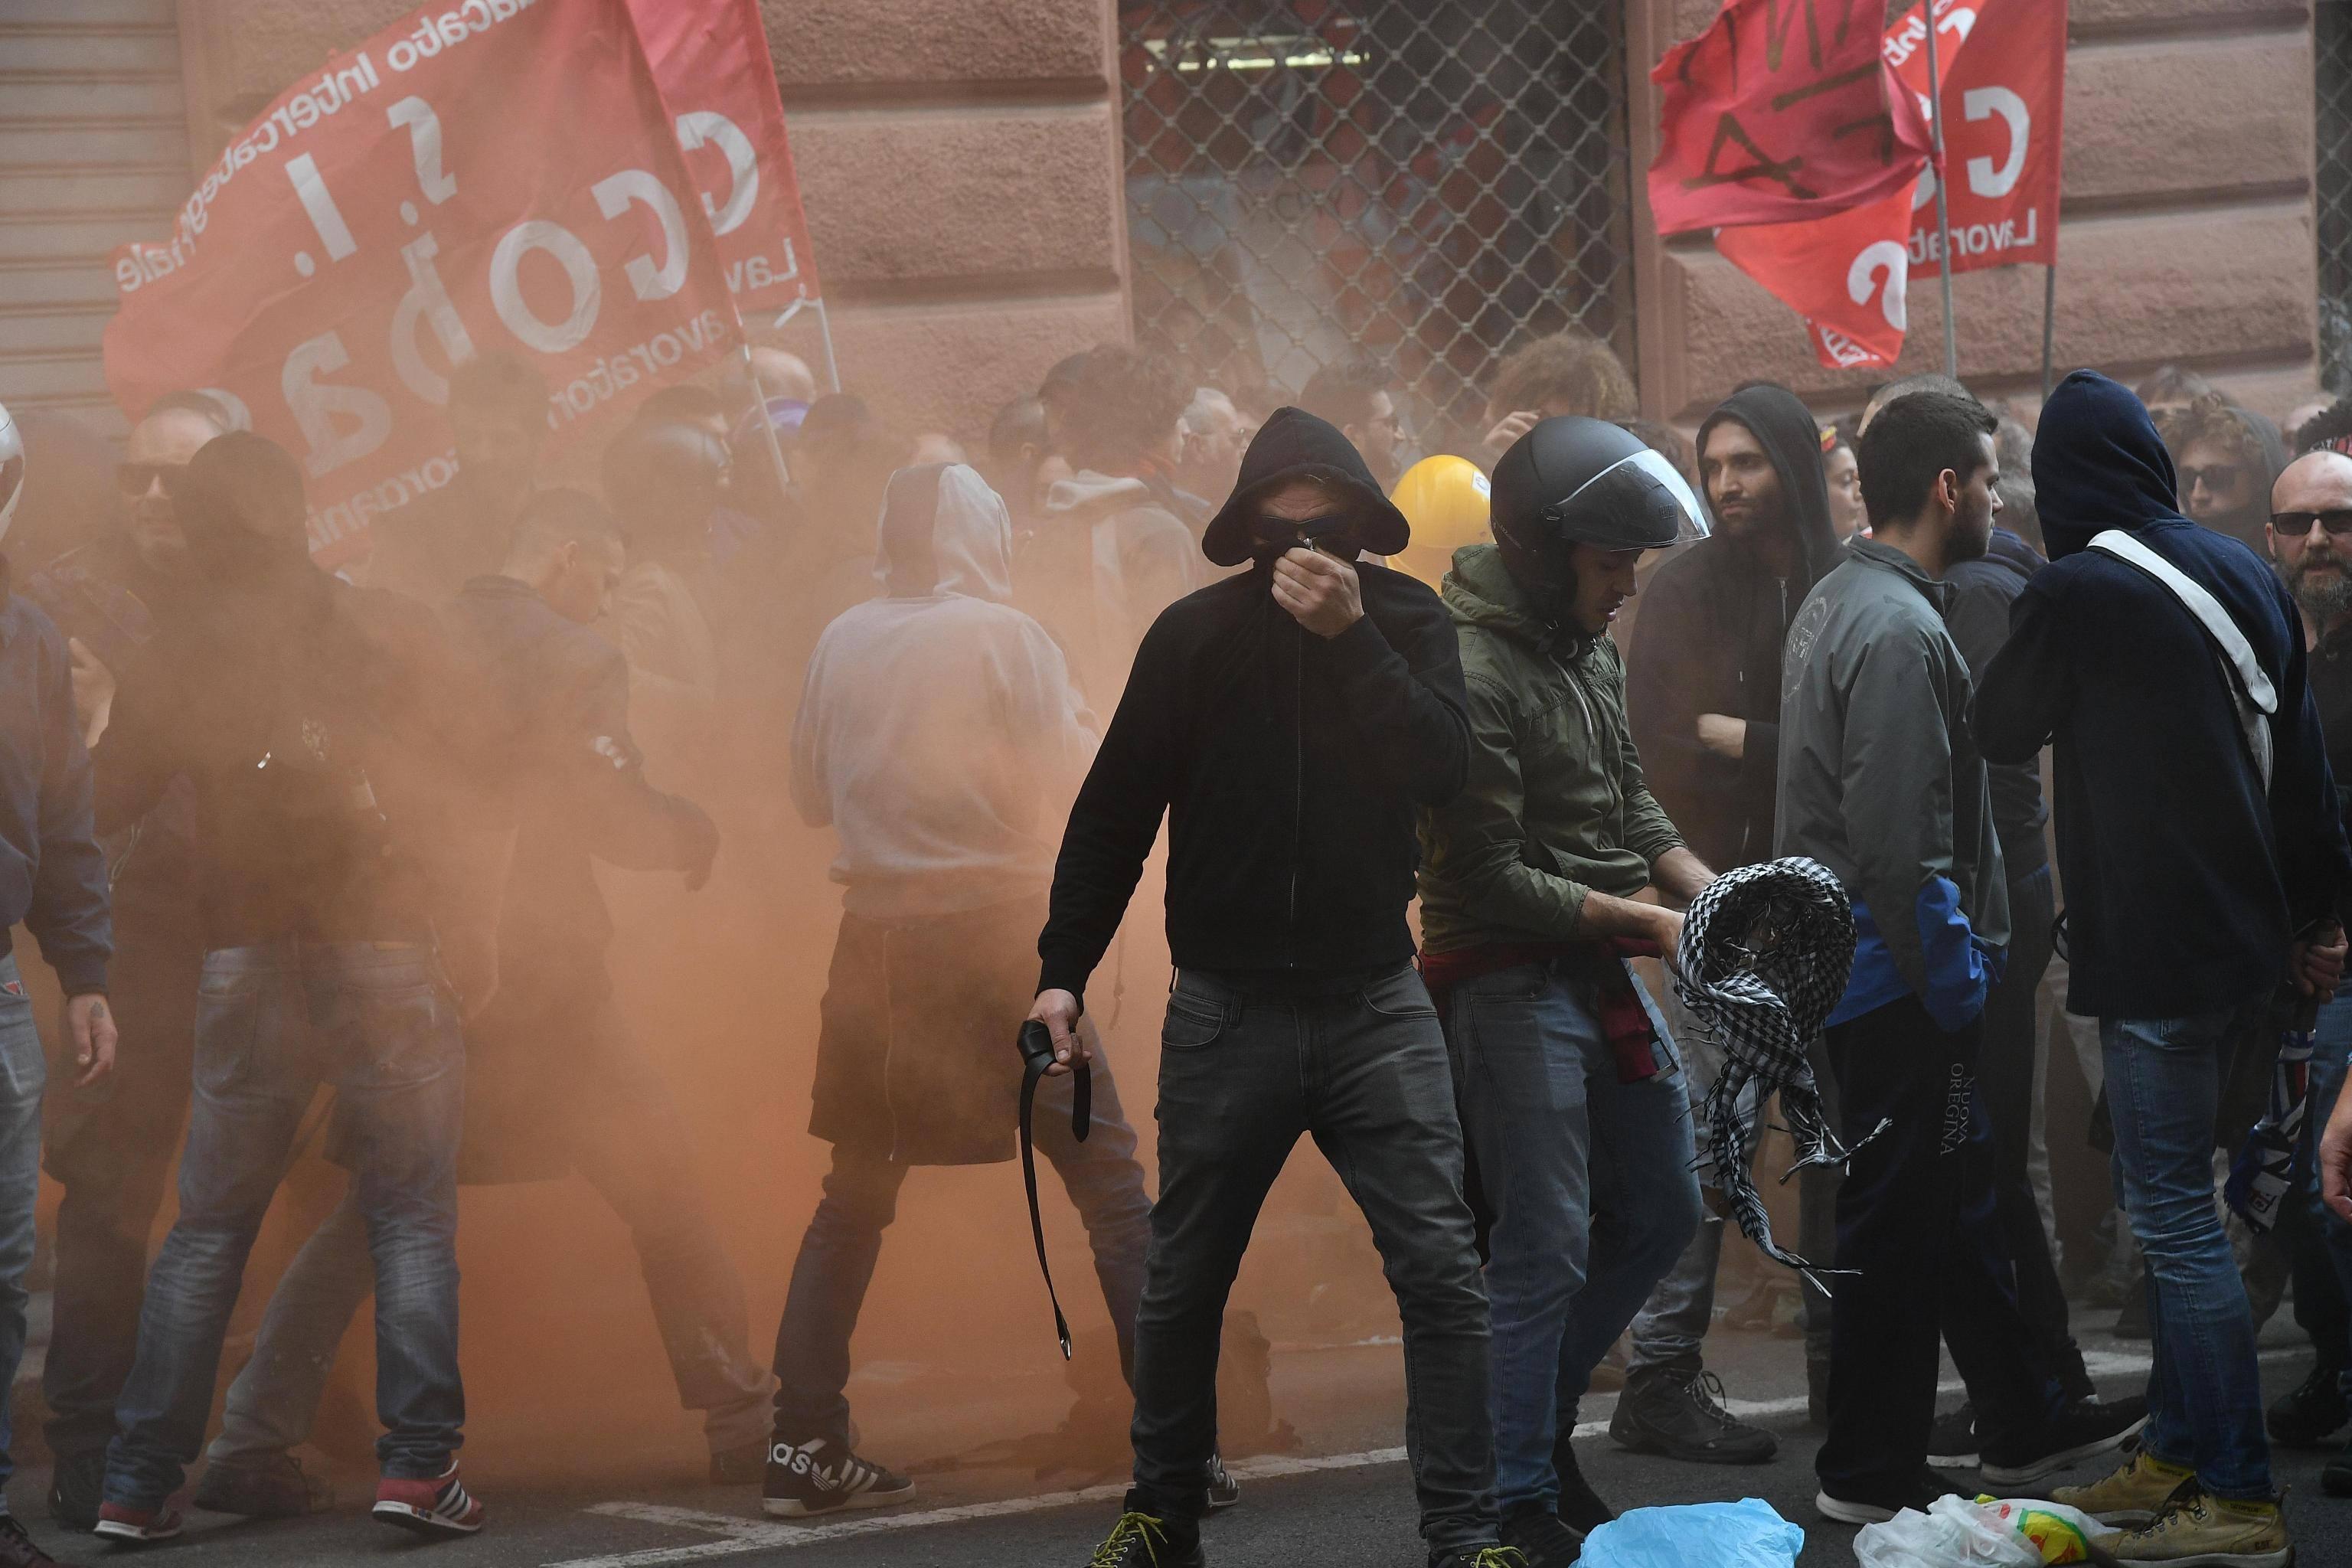 96794698b91f http   www.rainews.it dl rainews articoli Incidente-durante-la-prova-del ...